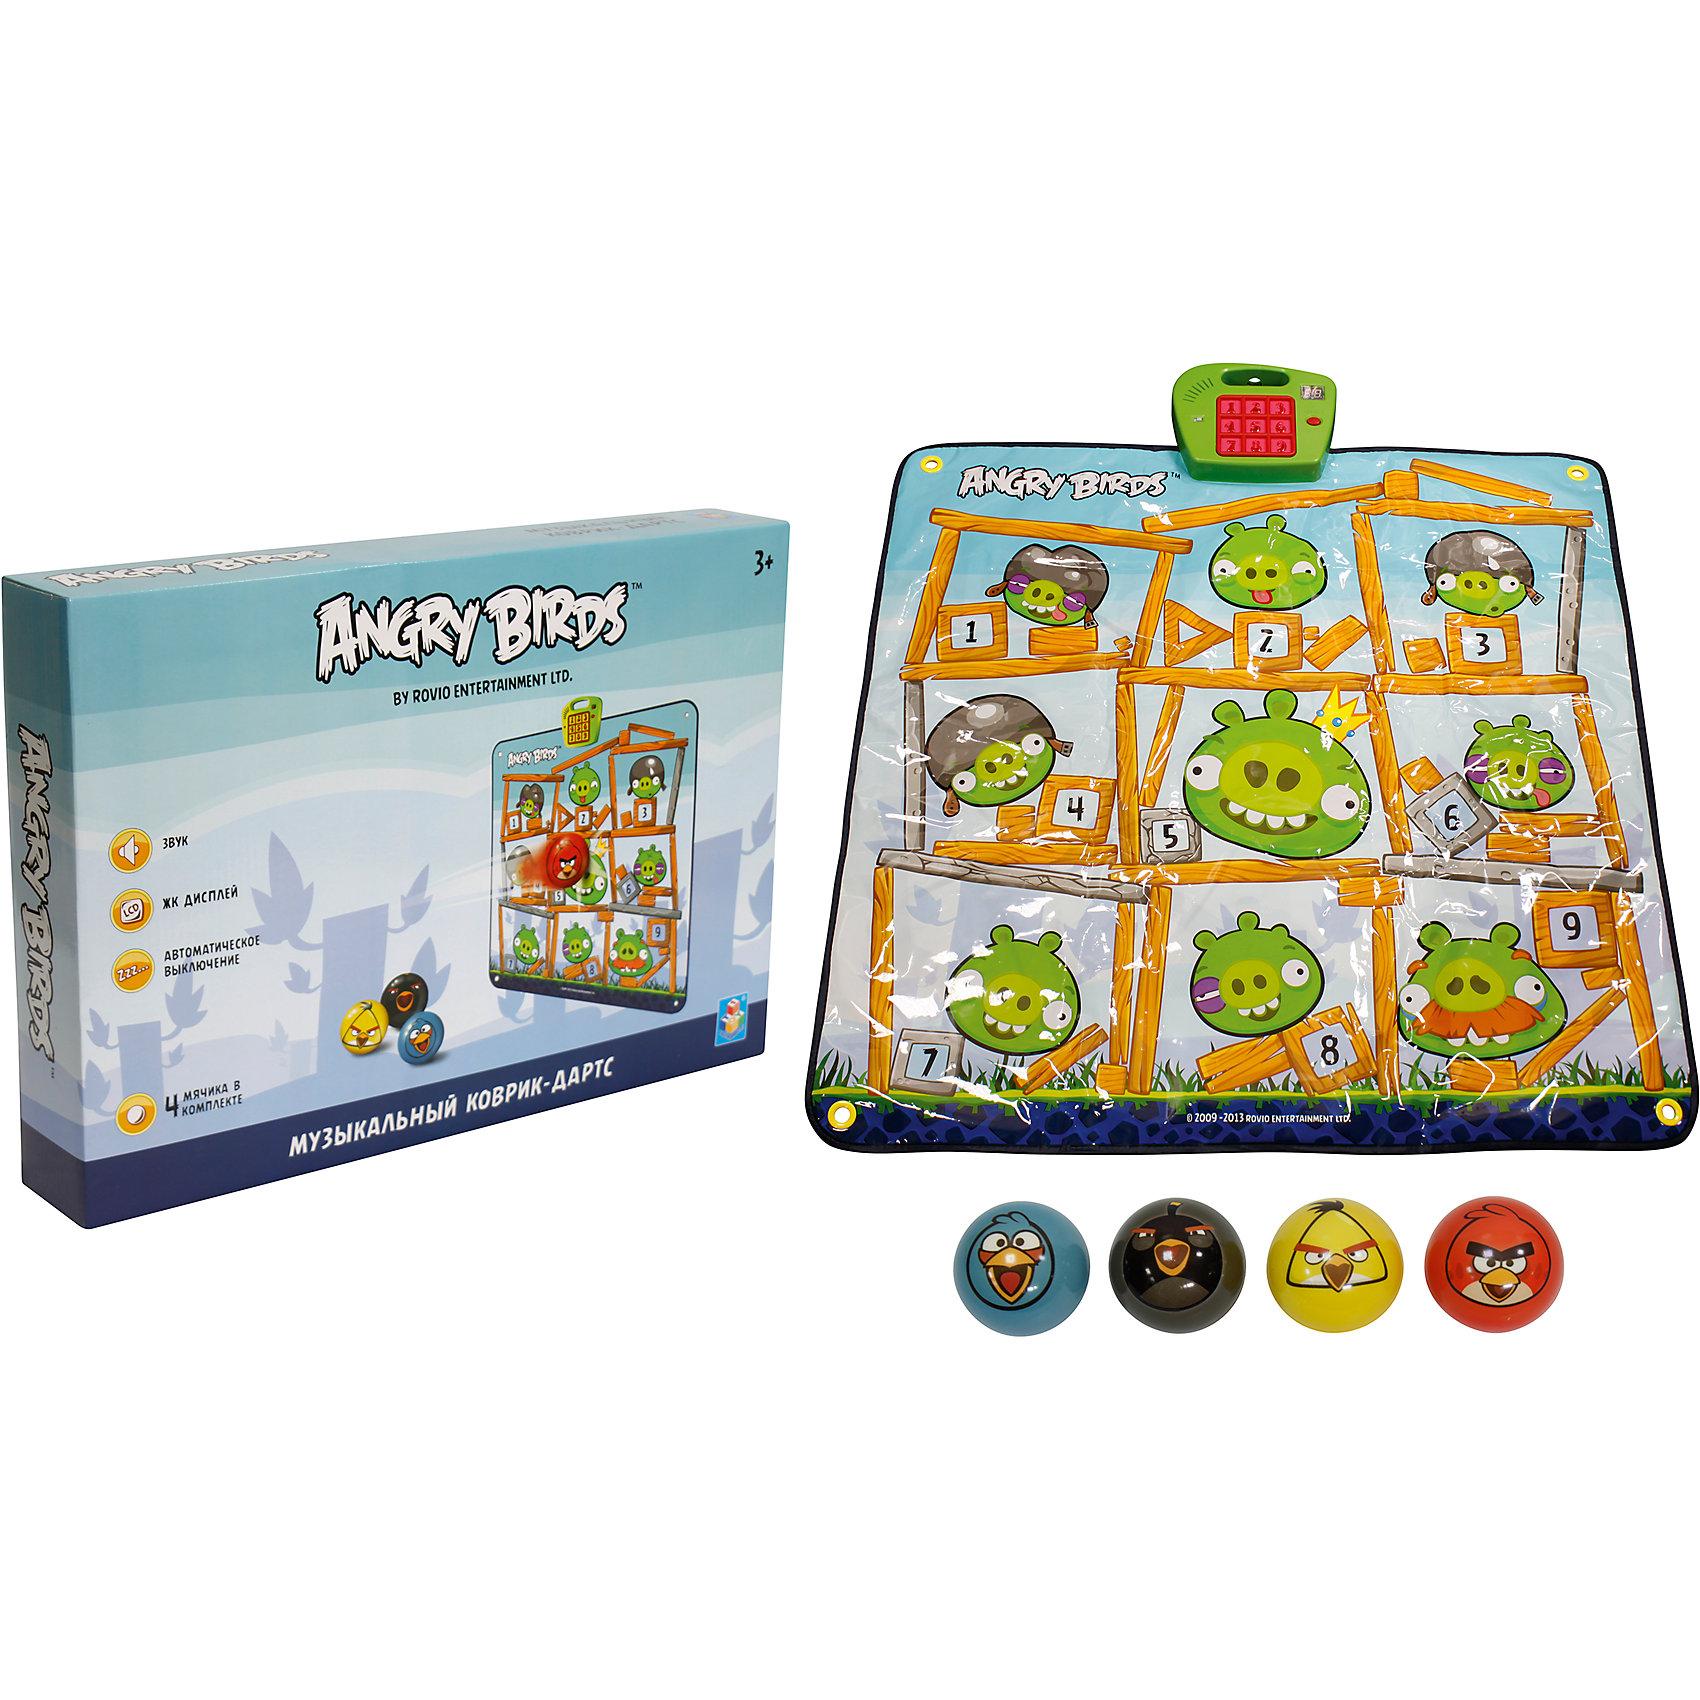 Музыкальный коврик-игра дартс , 4 мячика, Angry BirdsТанцевальные коврики<br>Все дети обожают дартс! Сделать попадание в цель занятие веселее помогут герои игры Angry Birds. Яркий музыкальный коврик с их изображением и мячики позволяют играть на различных уровнях сложности. При попадании в цель раздастся звуковой сигнал - мелодии и звуки из популярной игры Angry Birds.<br>Такой коврик обязательно порадует ребенка! Игра с ним помогает детям развивать координацию движений и ловкость. Коврик сделан из качественных и безопасных для ребенка материалов.<br><br>Дополнительная информация:<br><br>цвет: разноцветный;<br>размер: 90 х 90 см;<br>вес: 900 г;<br>комплектация: коврик, 4 мячика;<br>работает от батареек.<br><br>Музыкальный коврик-игру,  дартс, 4 мячика, Angry Birds можно купить в нашем магазине.<br><br>Ширина мм: 470<br>Глубина мм: 330<br>Высота мм: 80<br>Вес г: 1083<br>Возраст от месяцев: 36<br>Возраст до месяцев: 2147483647<br>Пол: Унисекс<br>Возраст: Детский<br>SKU: 4916378